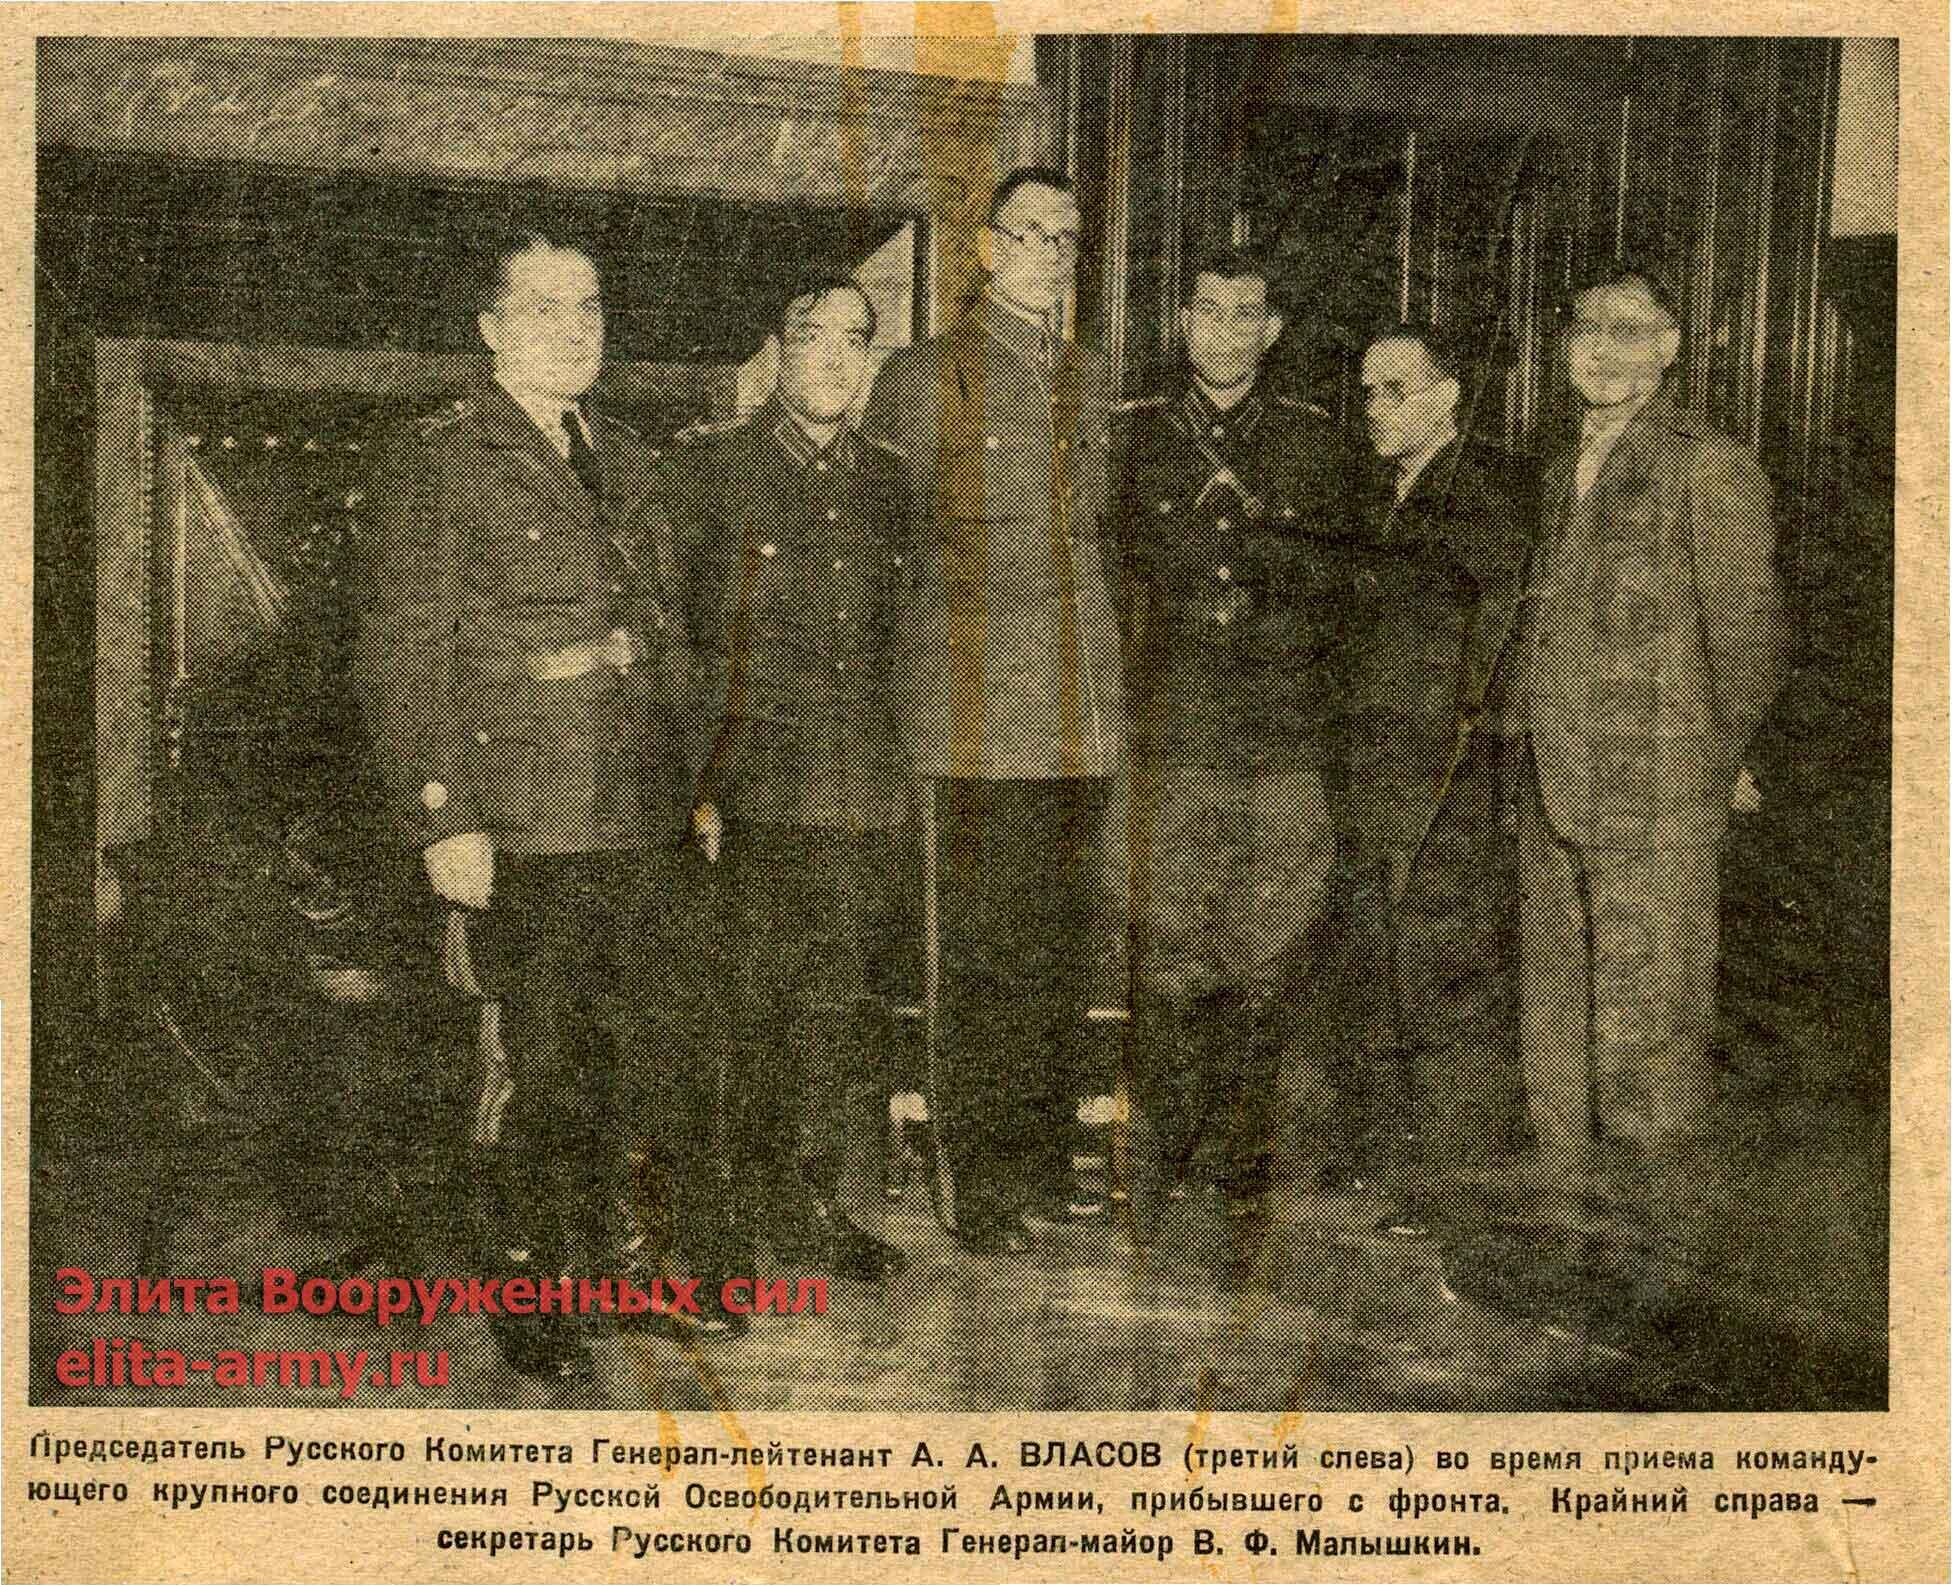 Vlasov_A_A__Listovka_1942